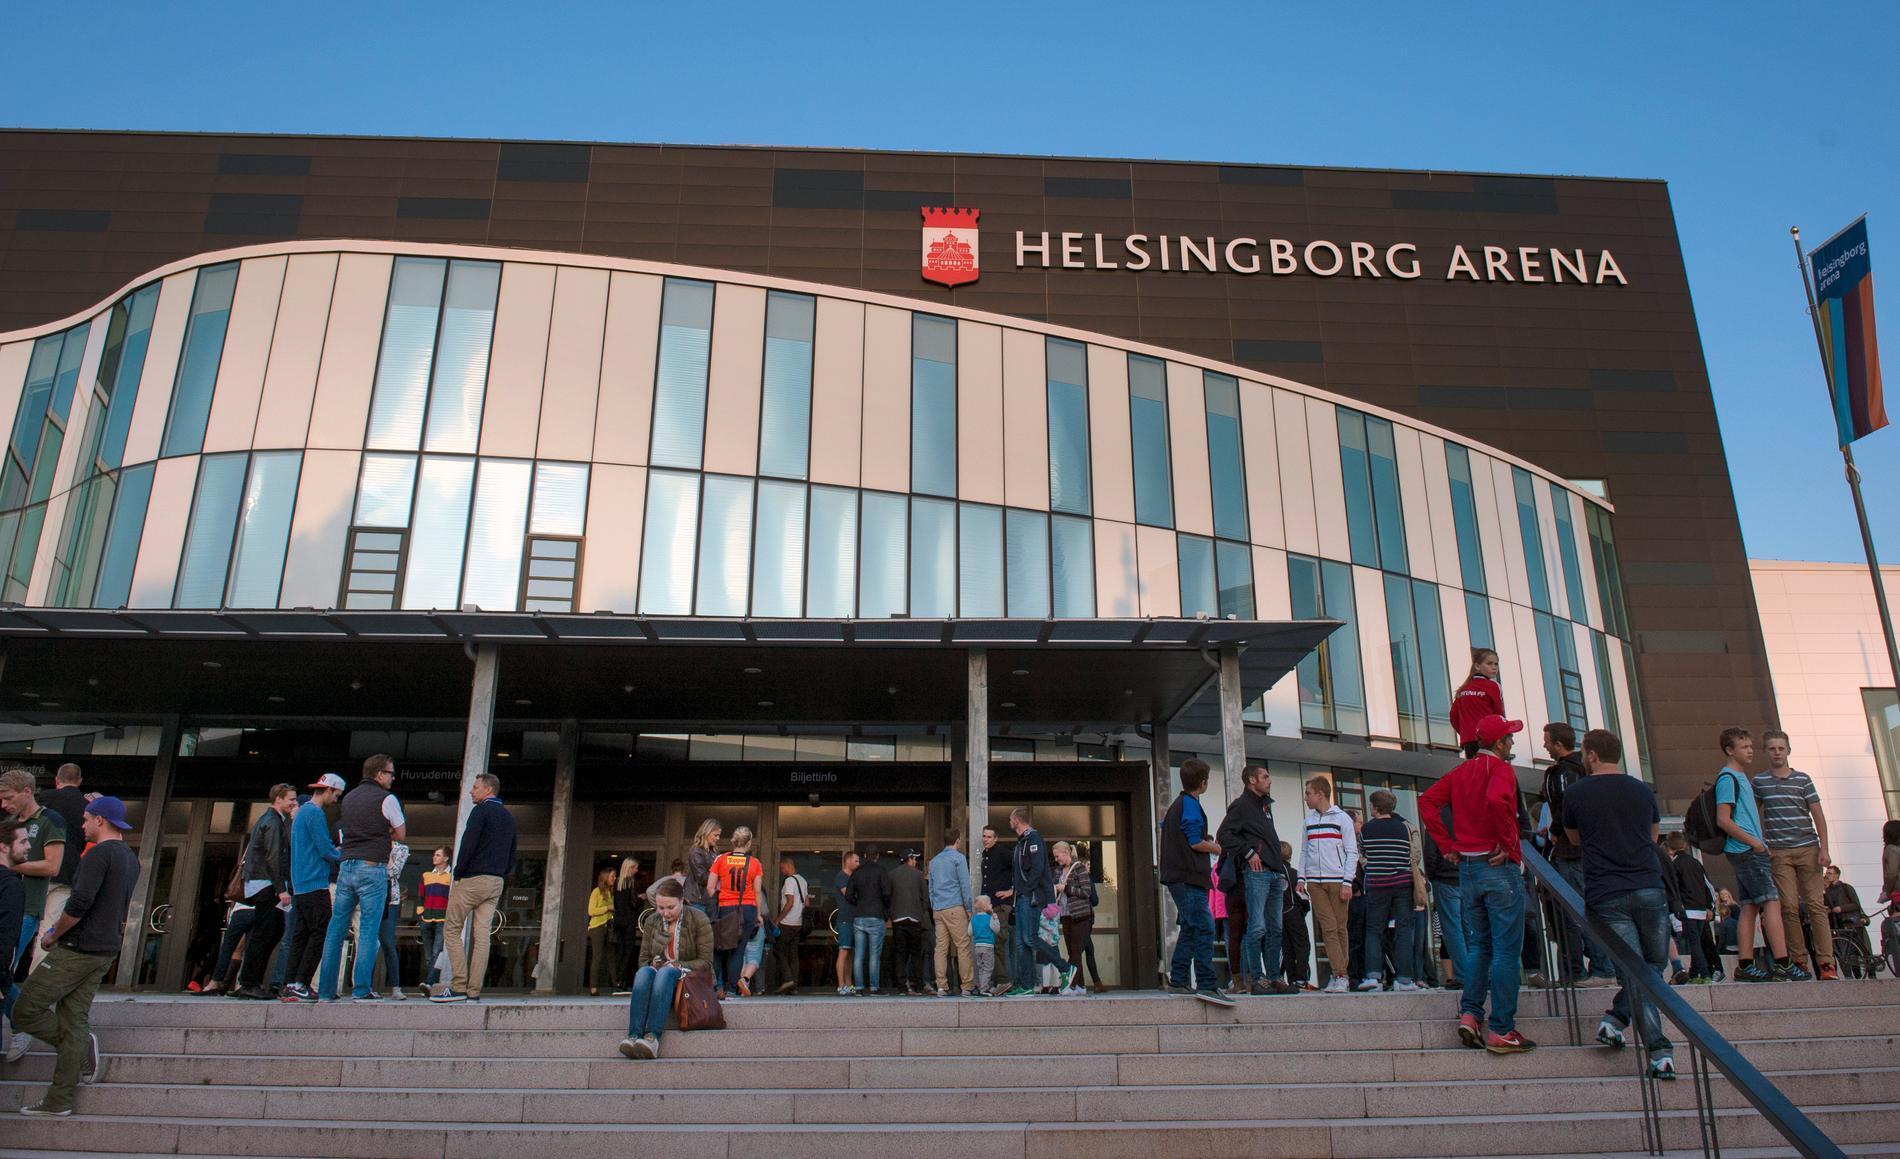 Helsingborg Arena